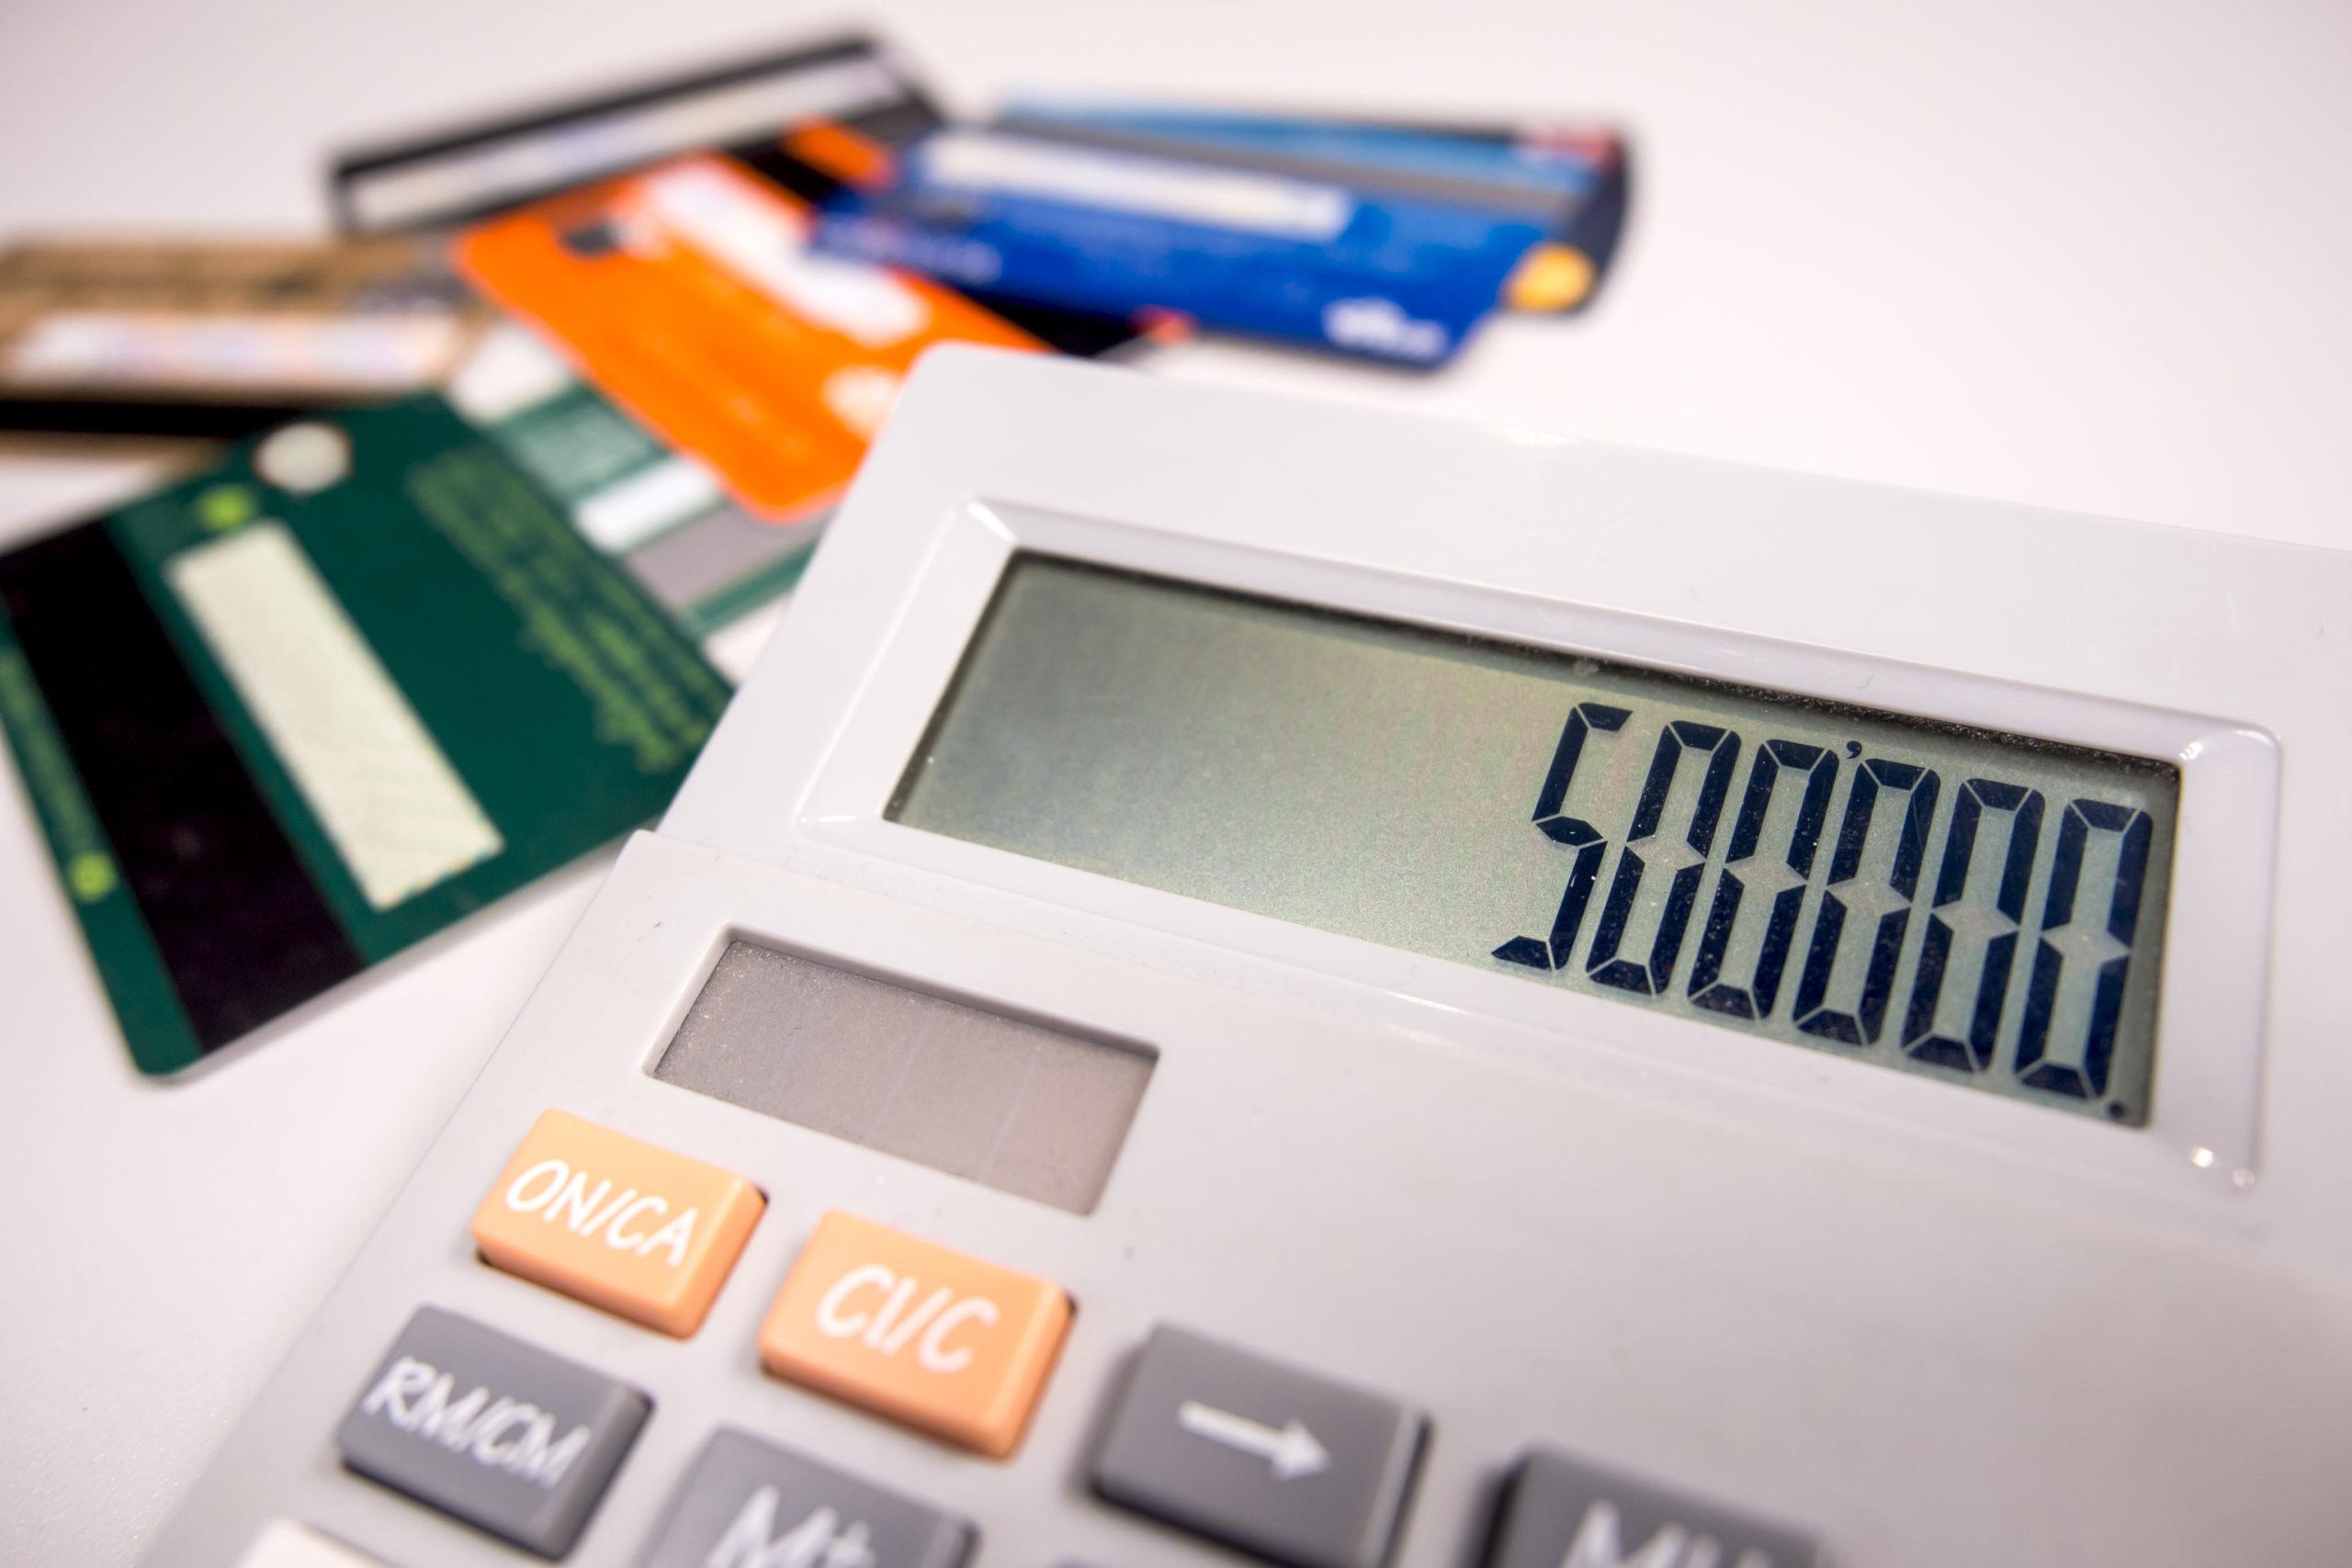 kredyt bez zdolnosci kredytowej - kalkulator